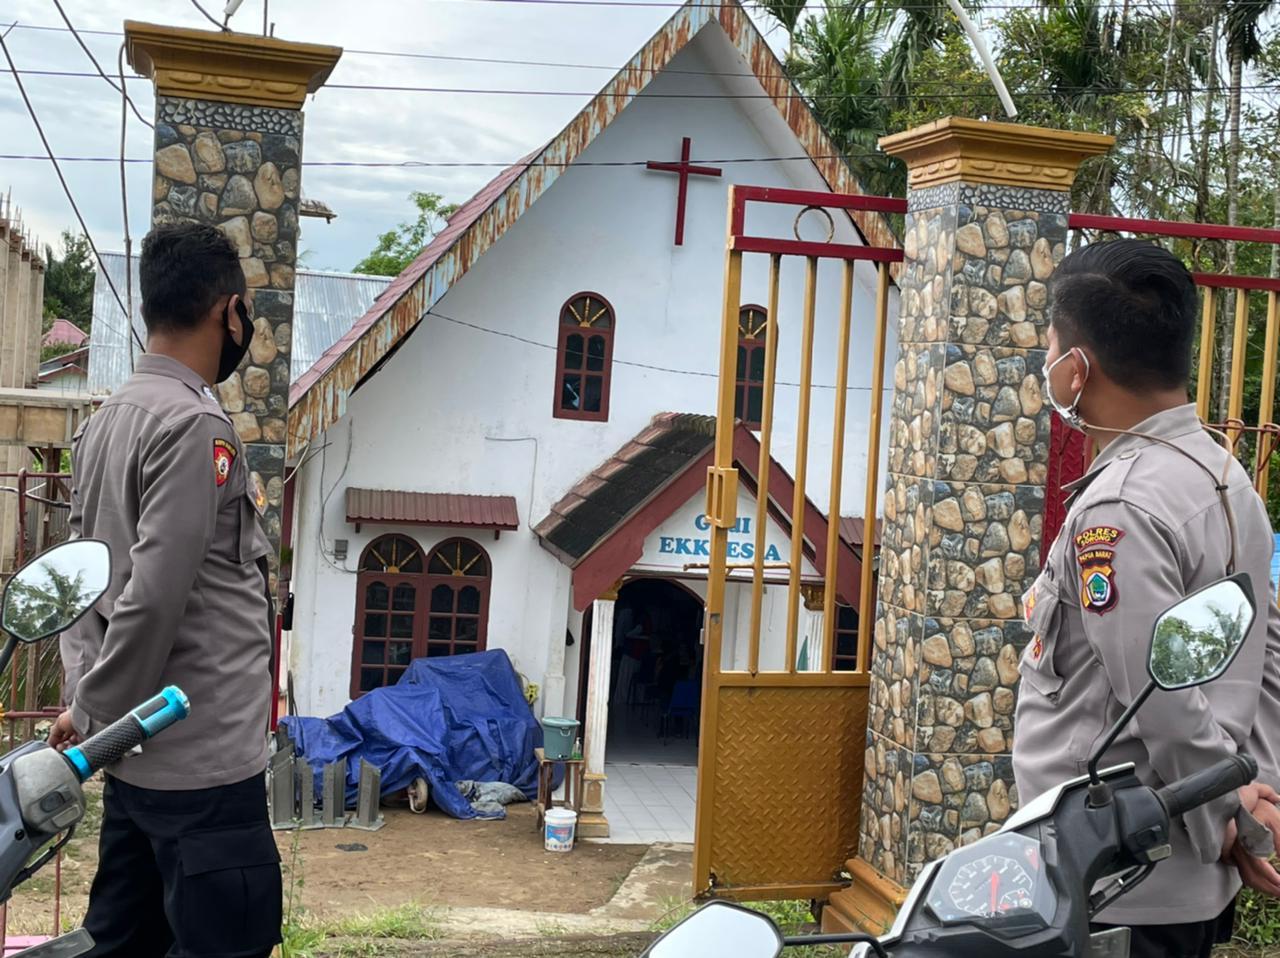 Mendukung Program Periotas 100 Hari, Polres Sorong Melakukan Pam Tifa